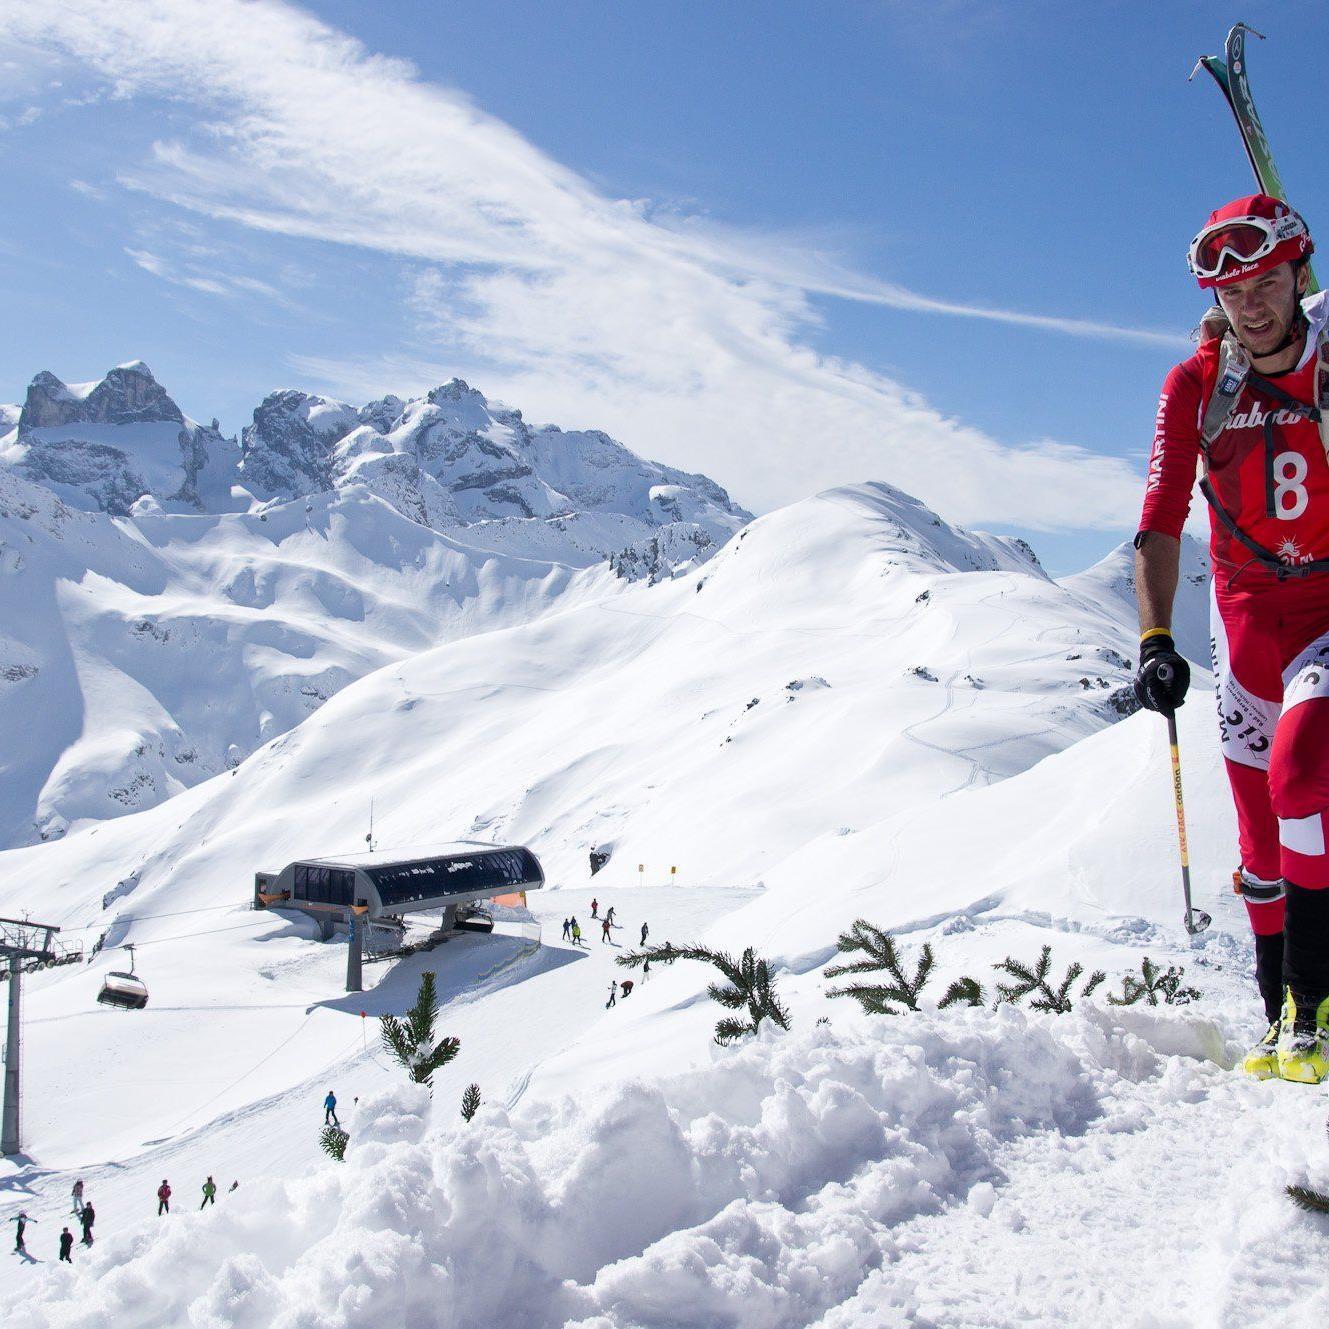 Der Dornbirner Johannes Graf will als Landesmeister auch beim Diabolo Race sich stark präsentieren.